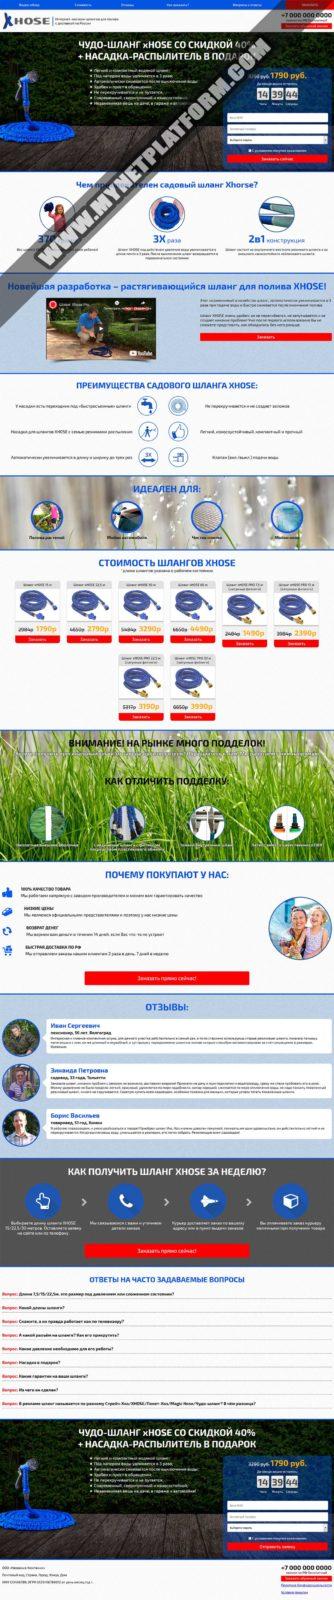 Скриншот готового лендинга Шланг для полива Xhose 02